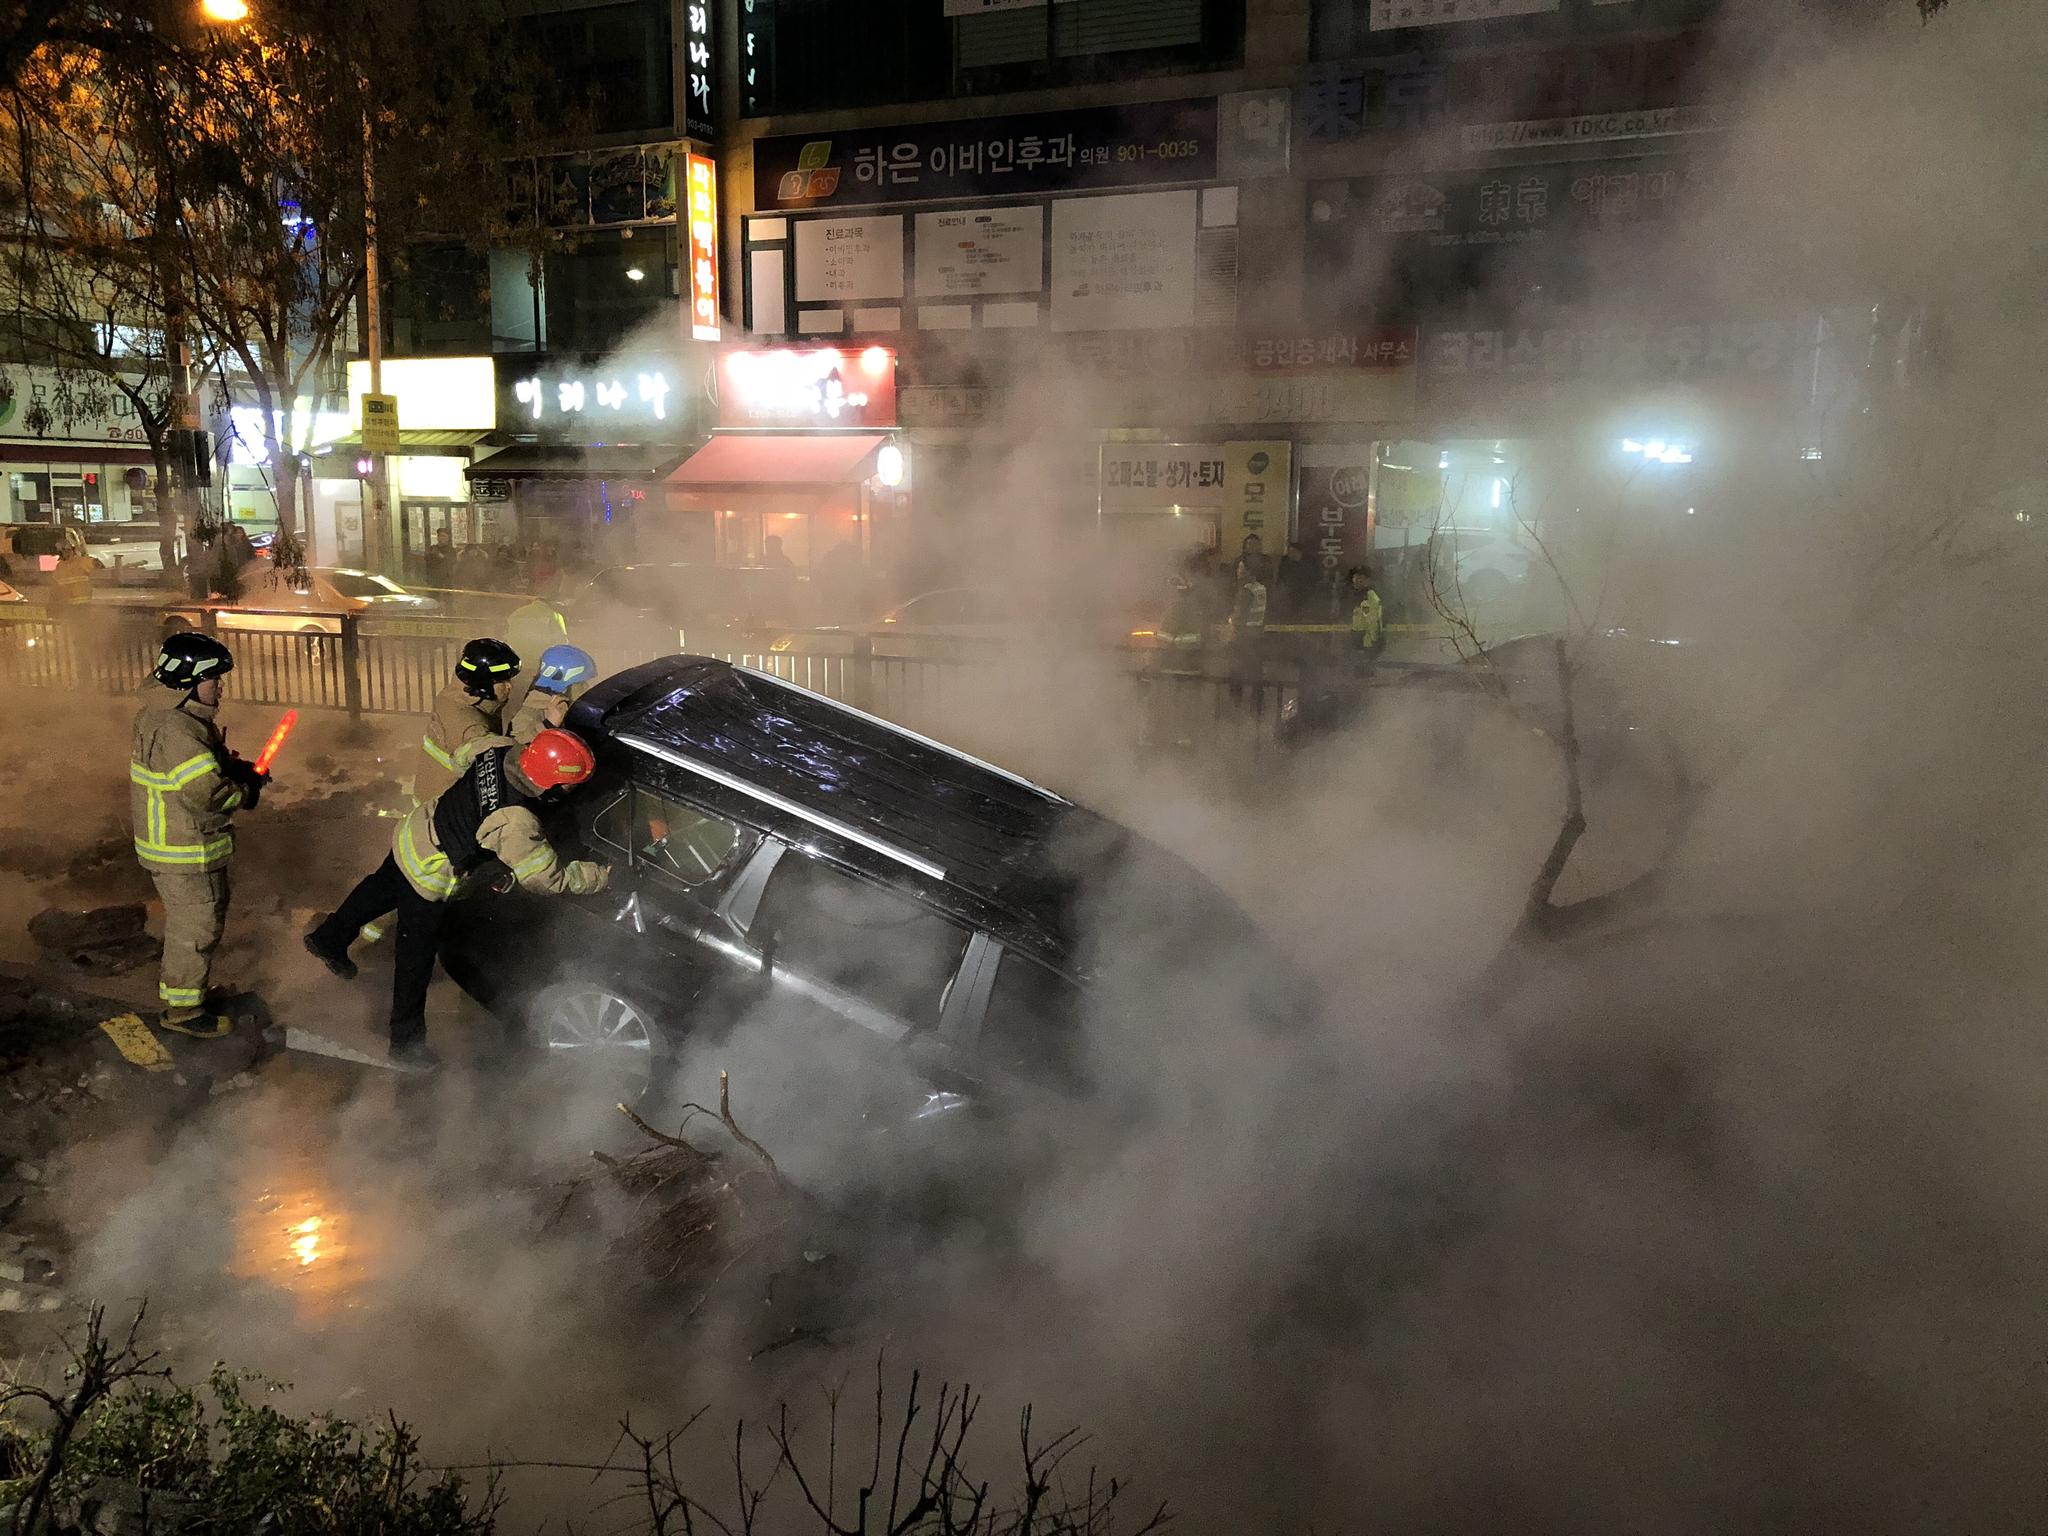 4일 고양시 백석역 근처에서 지역 난방공사 배관이 터지는 사고가 발생, 차량이 매몰되어 있다. 김성룡 기자